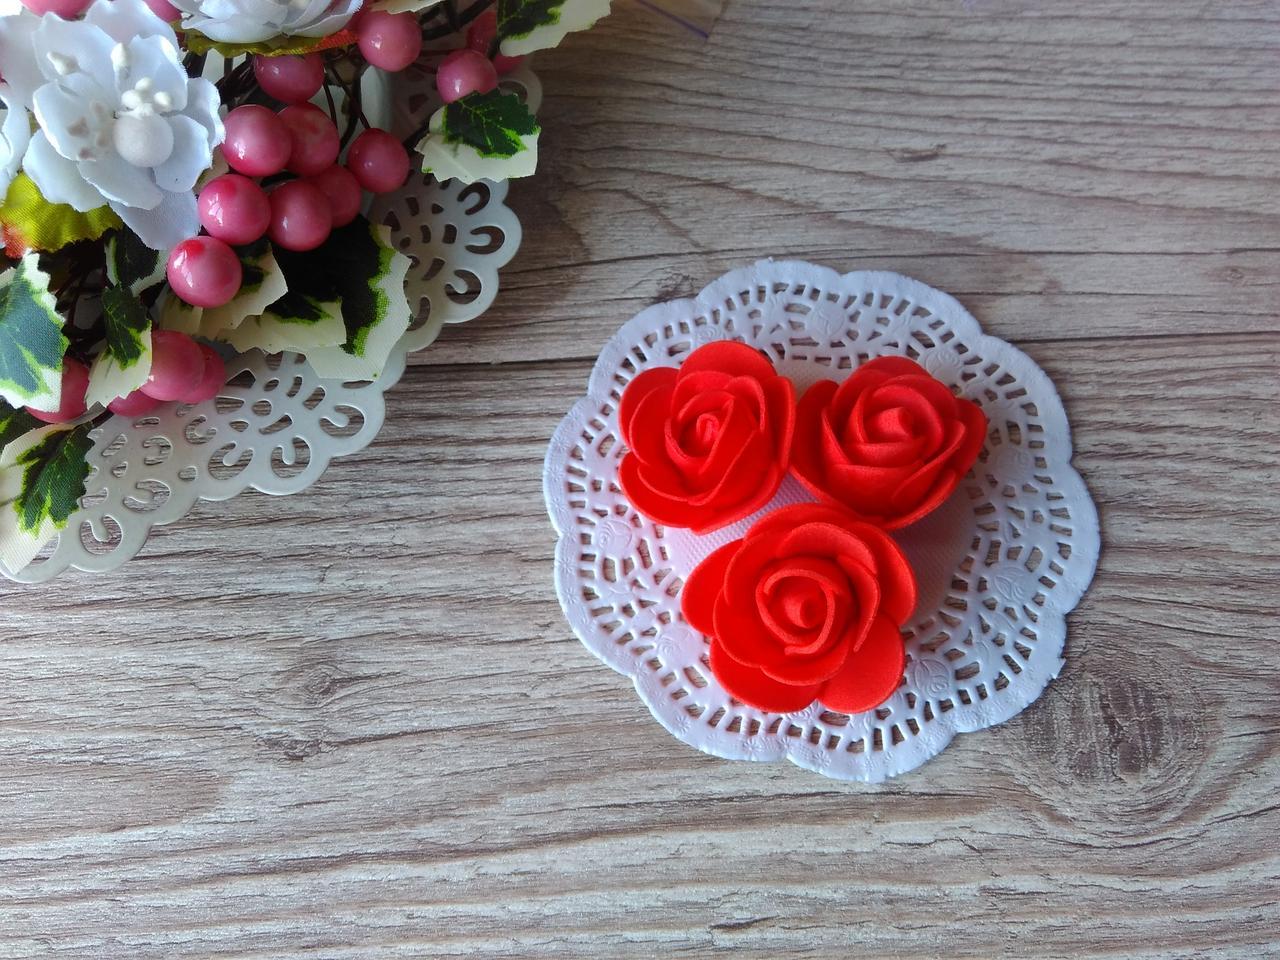 Розы из латекса красная D - 3.5 см, H - 1.5 см, 12 грн за 10 шт